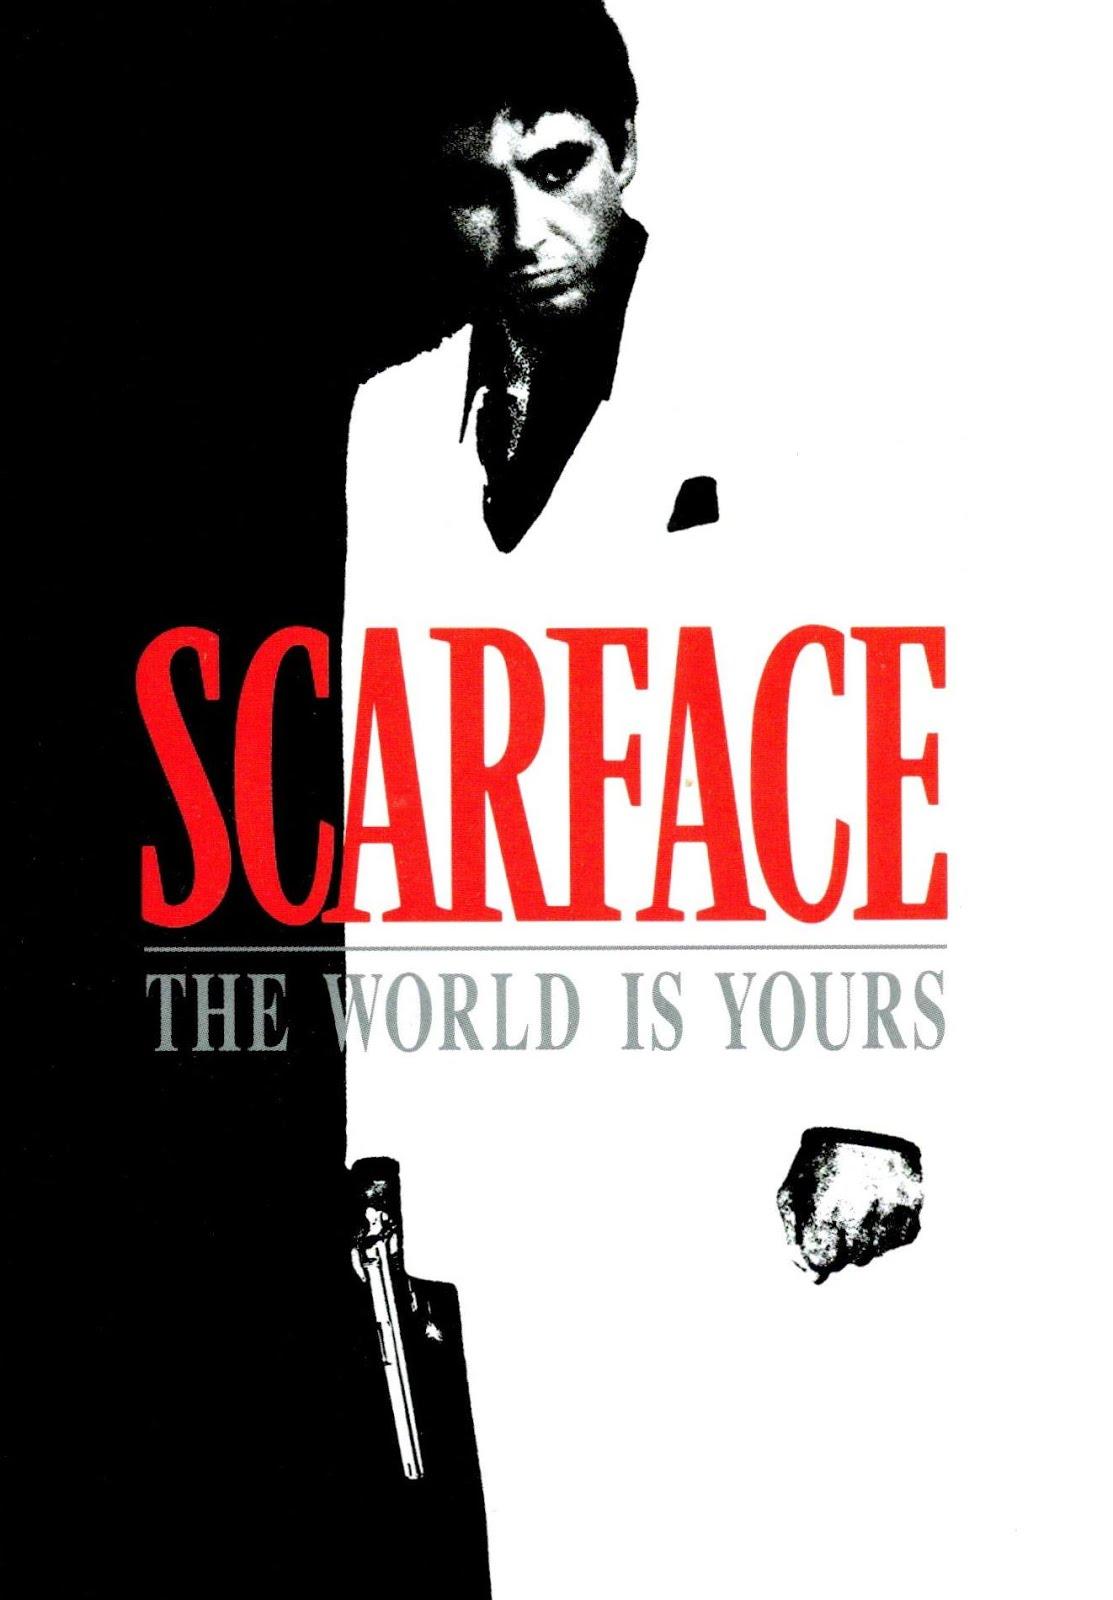 Descargar Scarface Para Pc Windows En Espanol Mega 32 Y 64 Bits